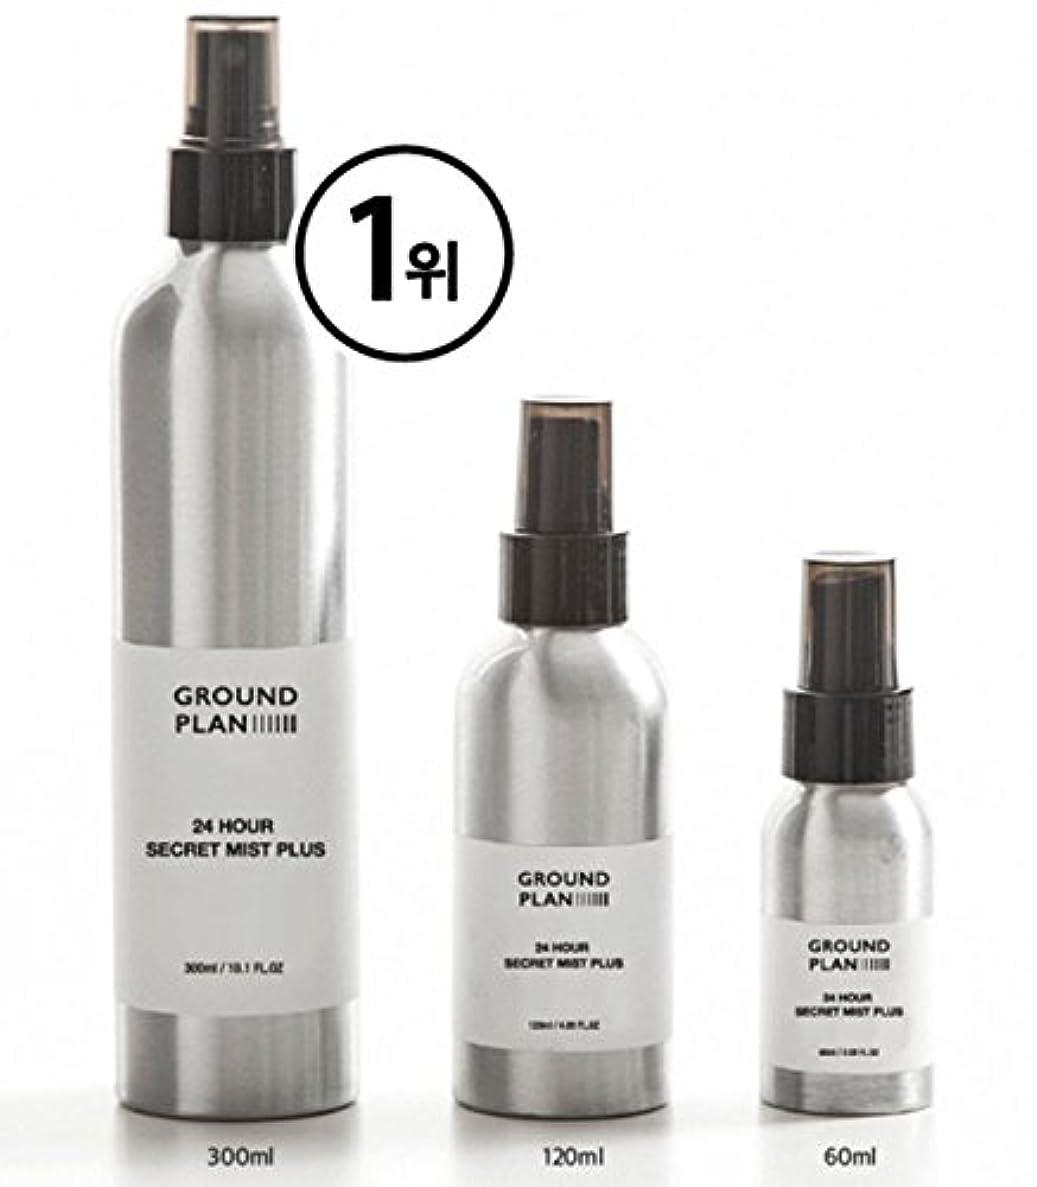 アルカトラズ島放牧する貫入[グラウンド?プラン] 24Hour 秘密 スキンミスト Plus (120ml) (300ml) Ground plan 24 Hour Secret Skin Mist Plus [海外直送品] (120ml)